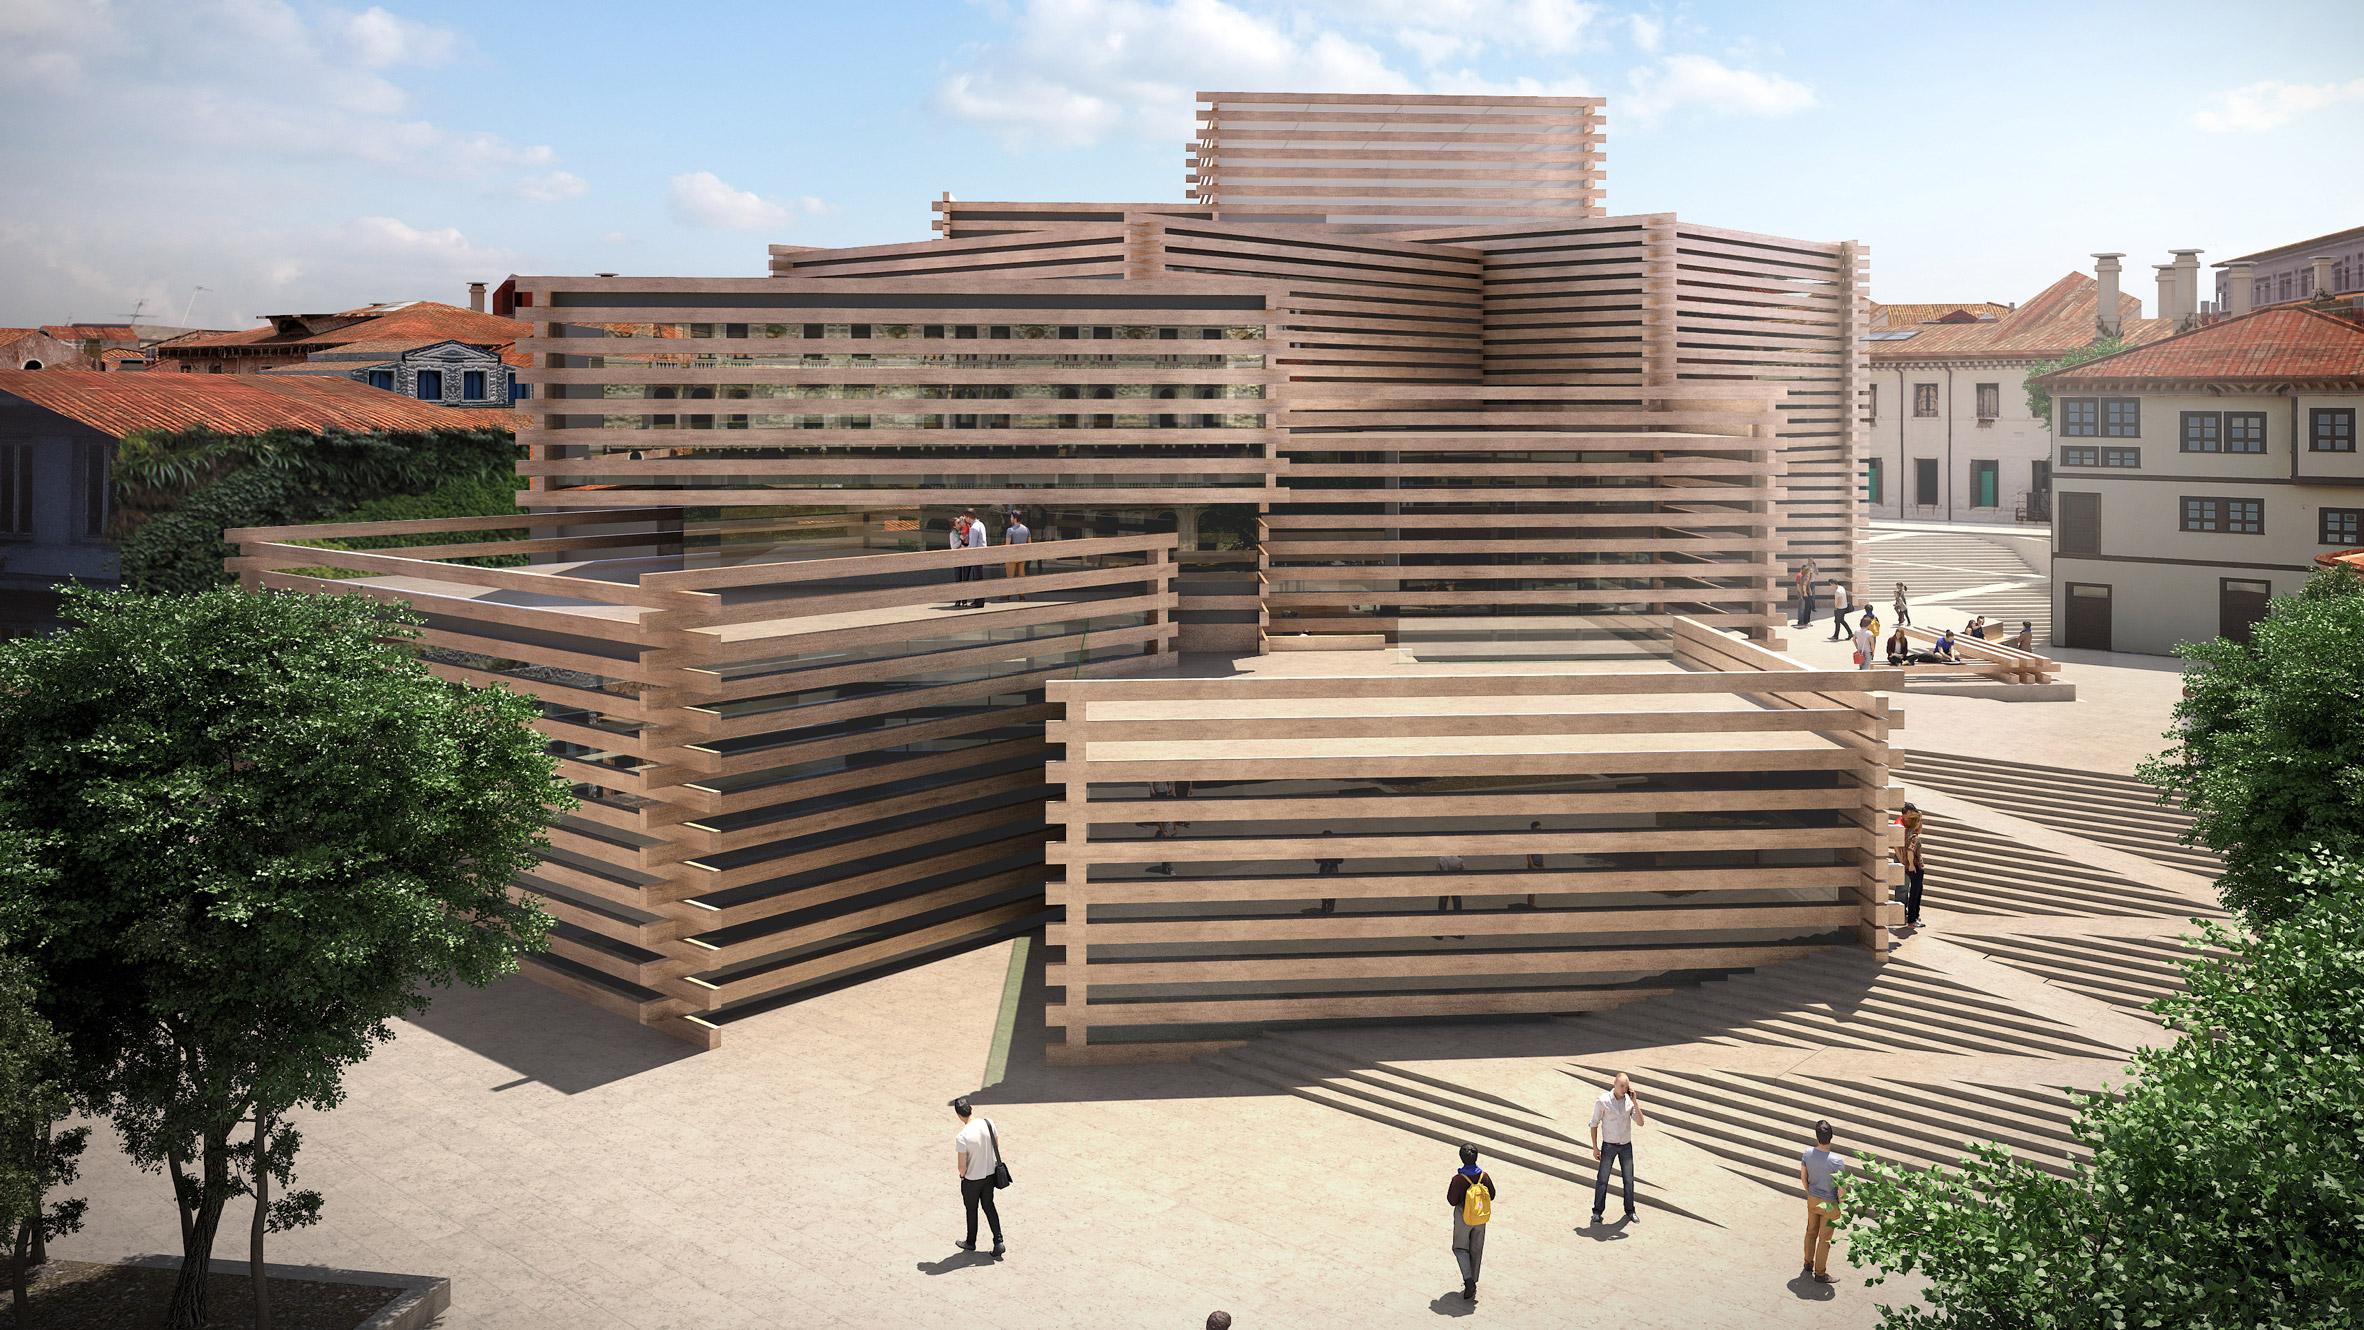 Le musée d'art moderne Odunpazari en Turquie par Kengo Kuma et associés sur Design Maroc